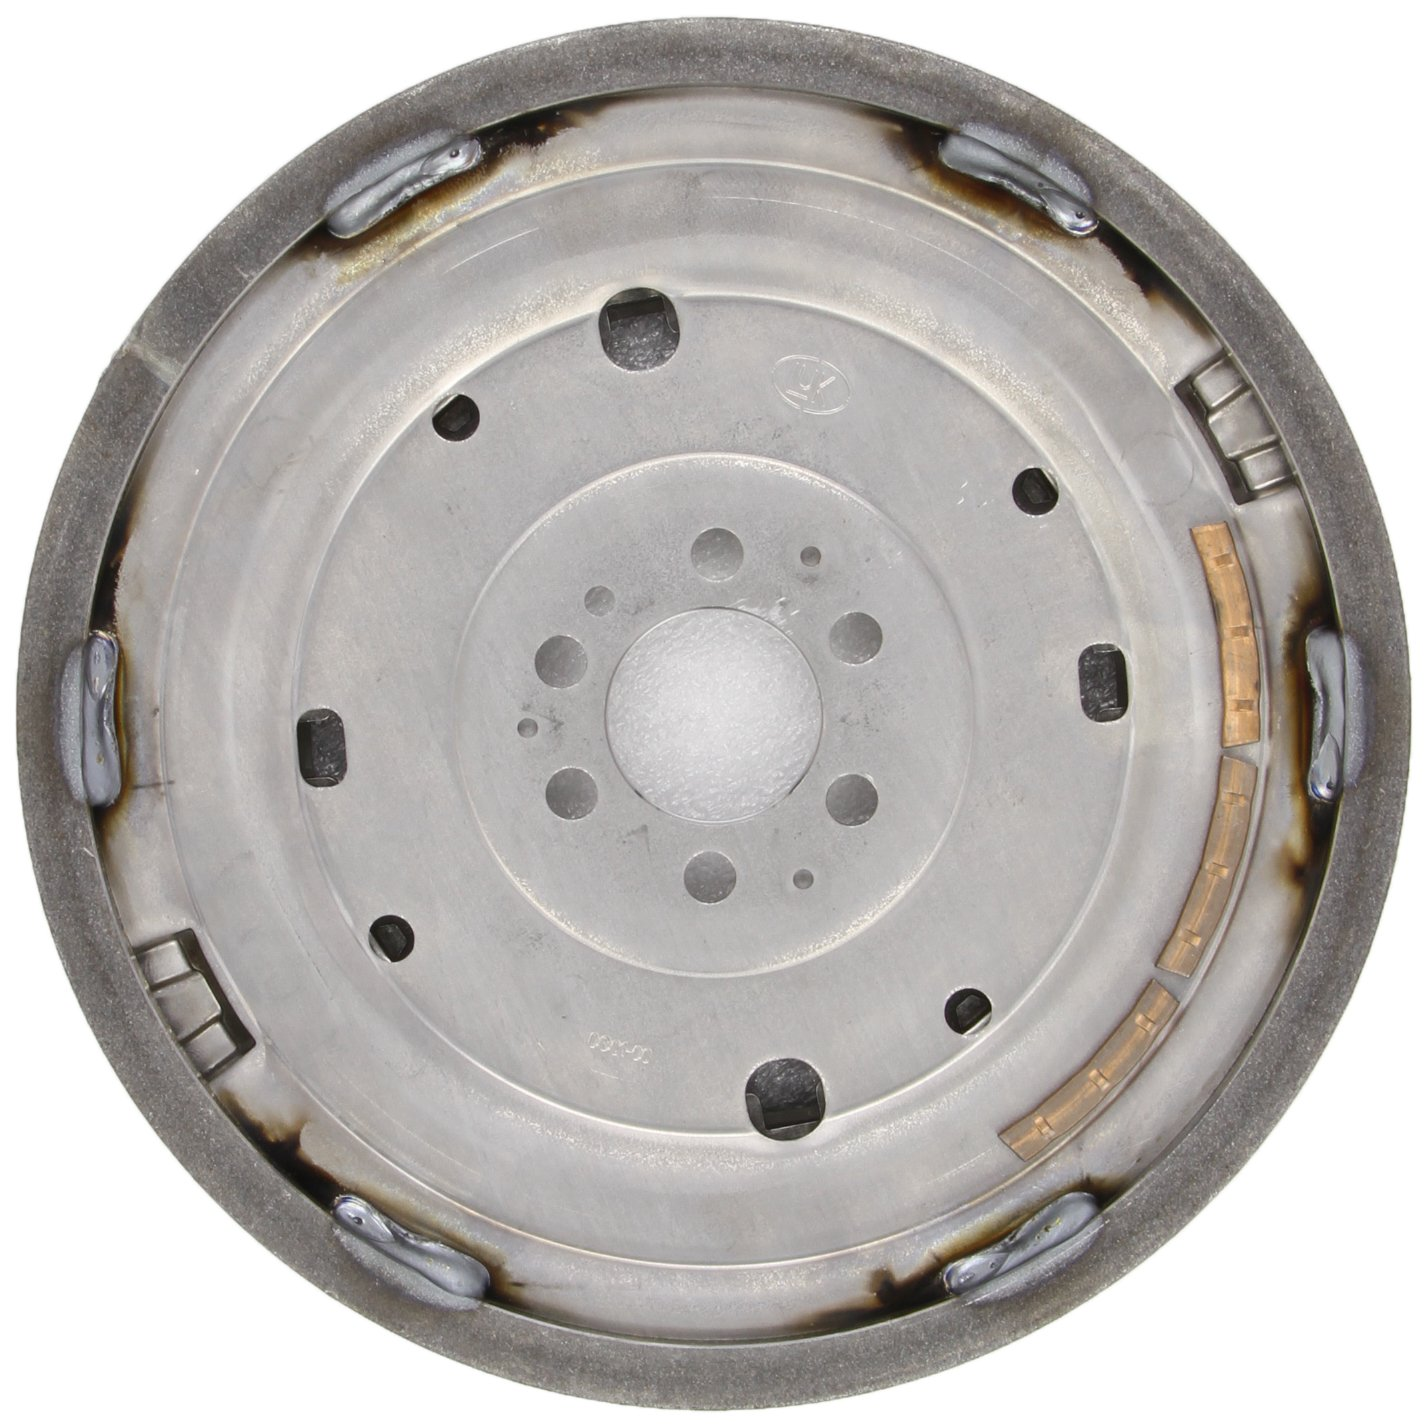 LUK 415053109 Flywheel DMF